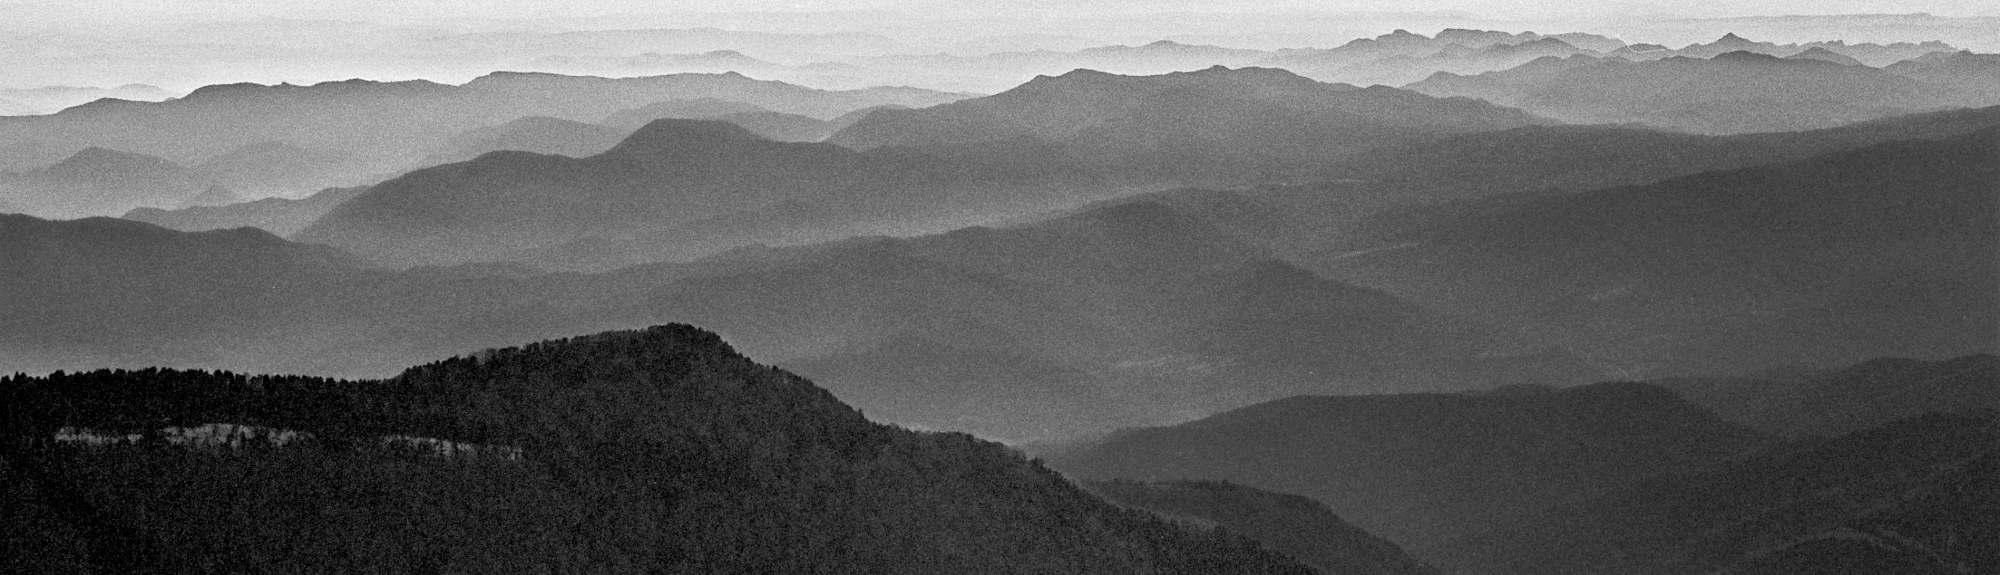 Die Pyrenäen, Bergbild in Schwarz Weiss für INDNAT Lodenhosen - Bio Hosen - Bio Jeans - Fair - Nachhaltig - Ökologisch - Produziert / Bergkleidung